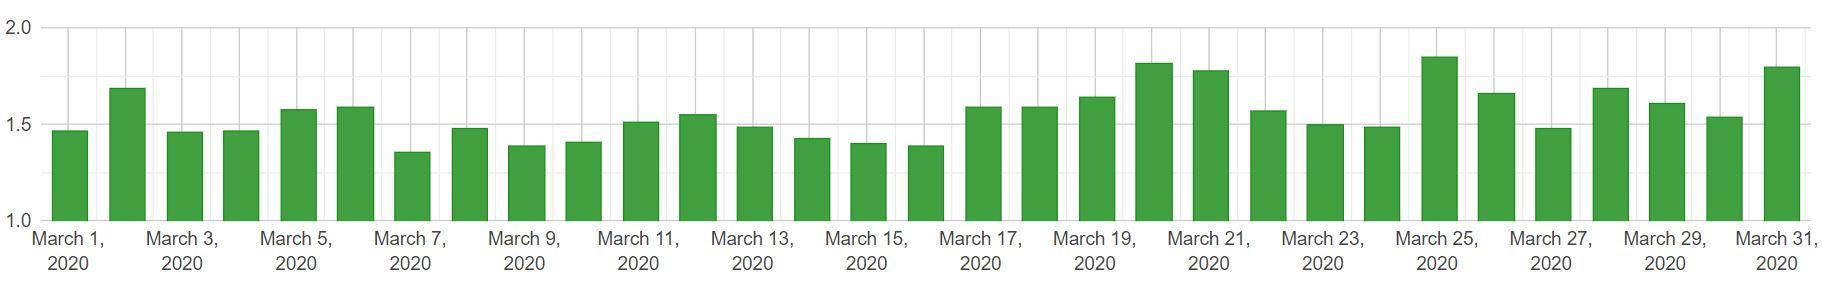 zmiany w SERP mobile - marzec 2020